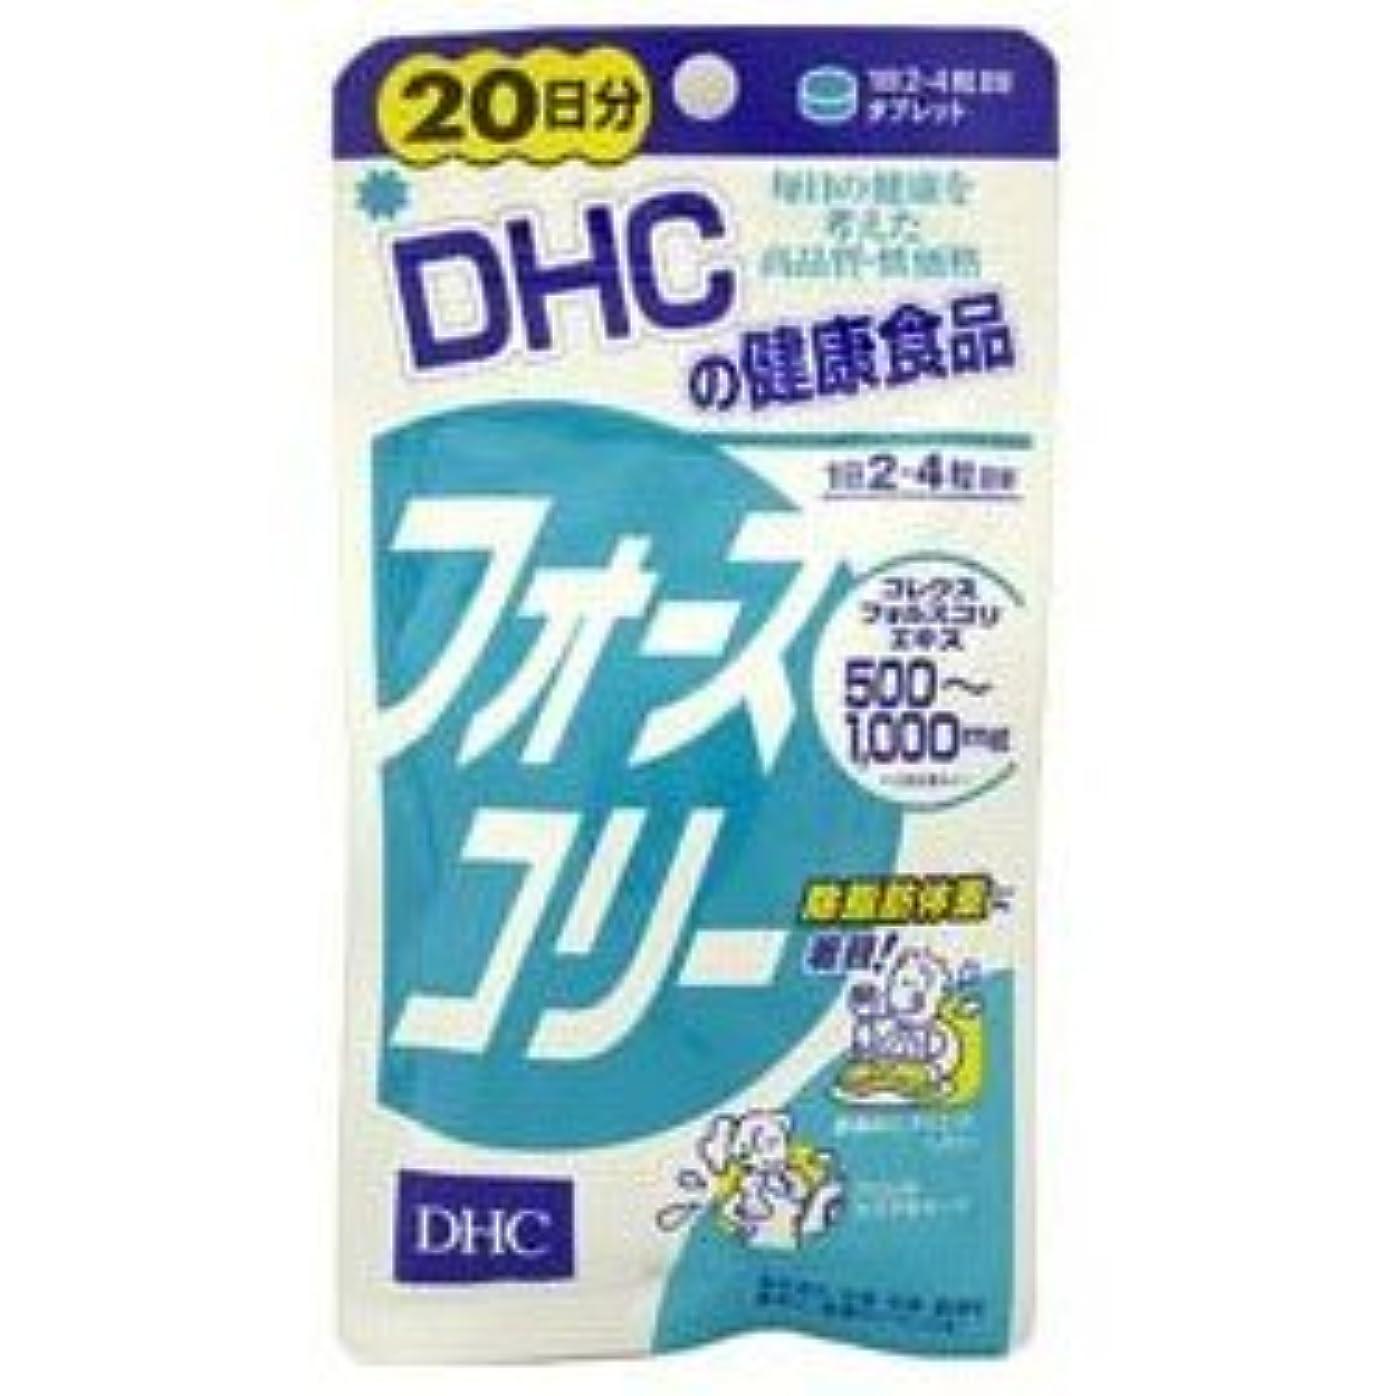 ぬいぐるみ分析的フライカイト【DHC】フォースコリー 20日分 (32.4g) ×20個セット